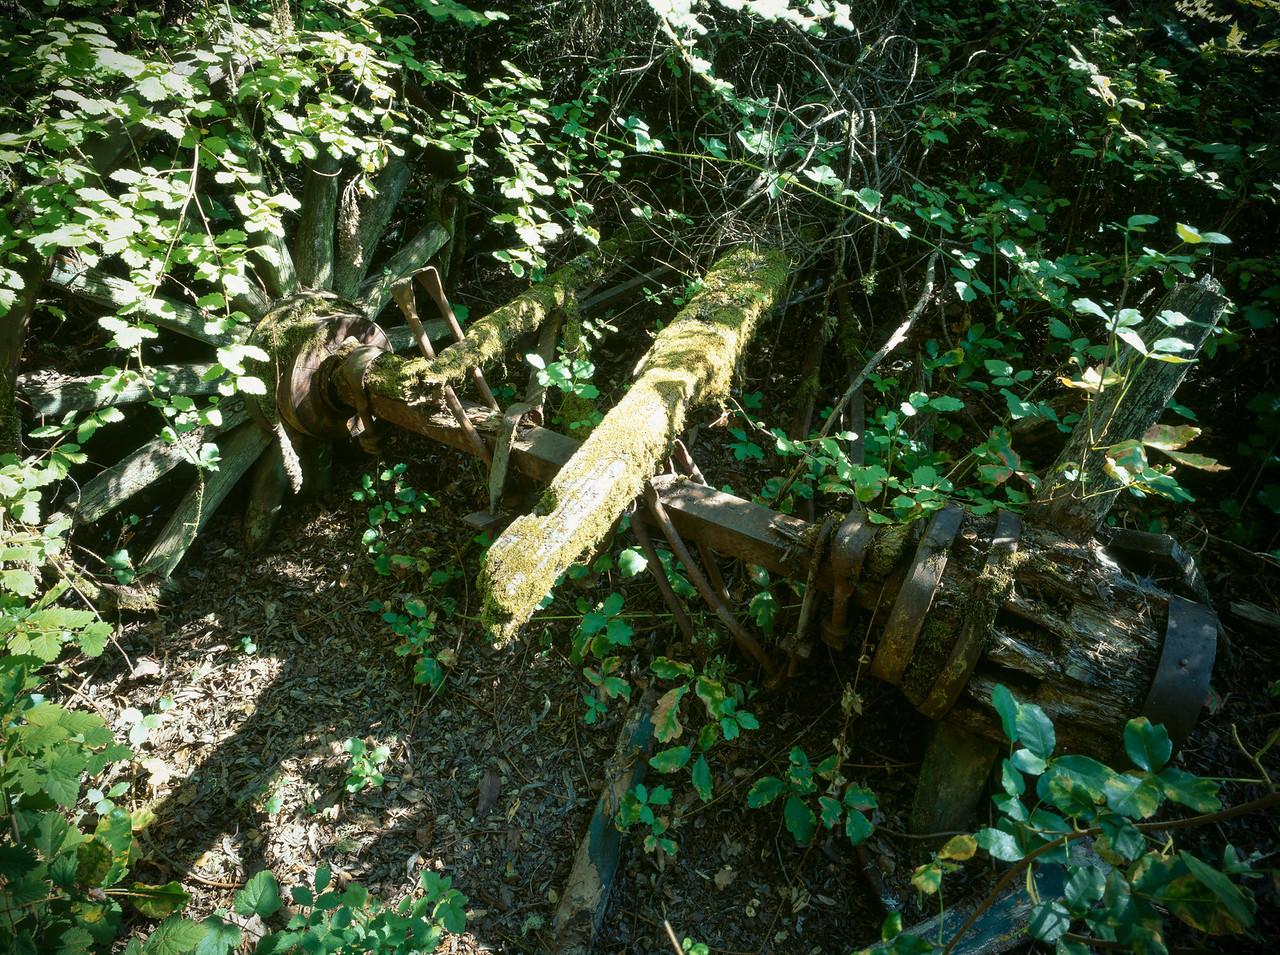 Axle, Los Trancos Open Space Preserve, Palo Alto, California, 1996